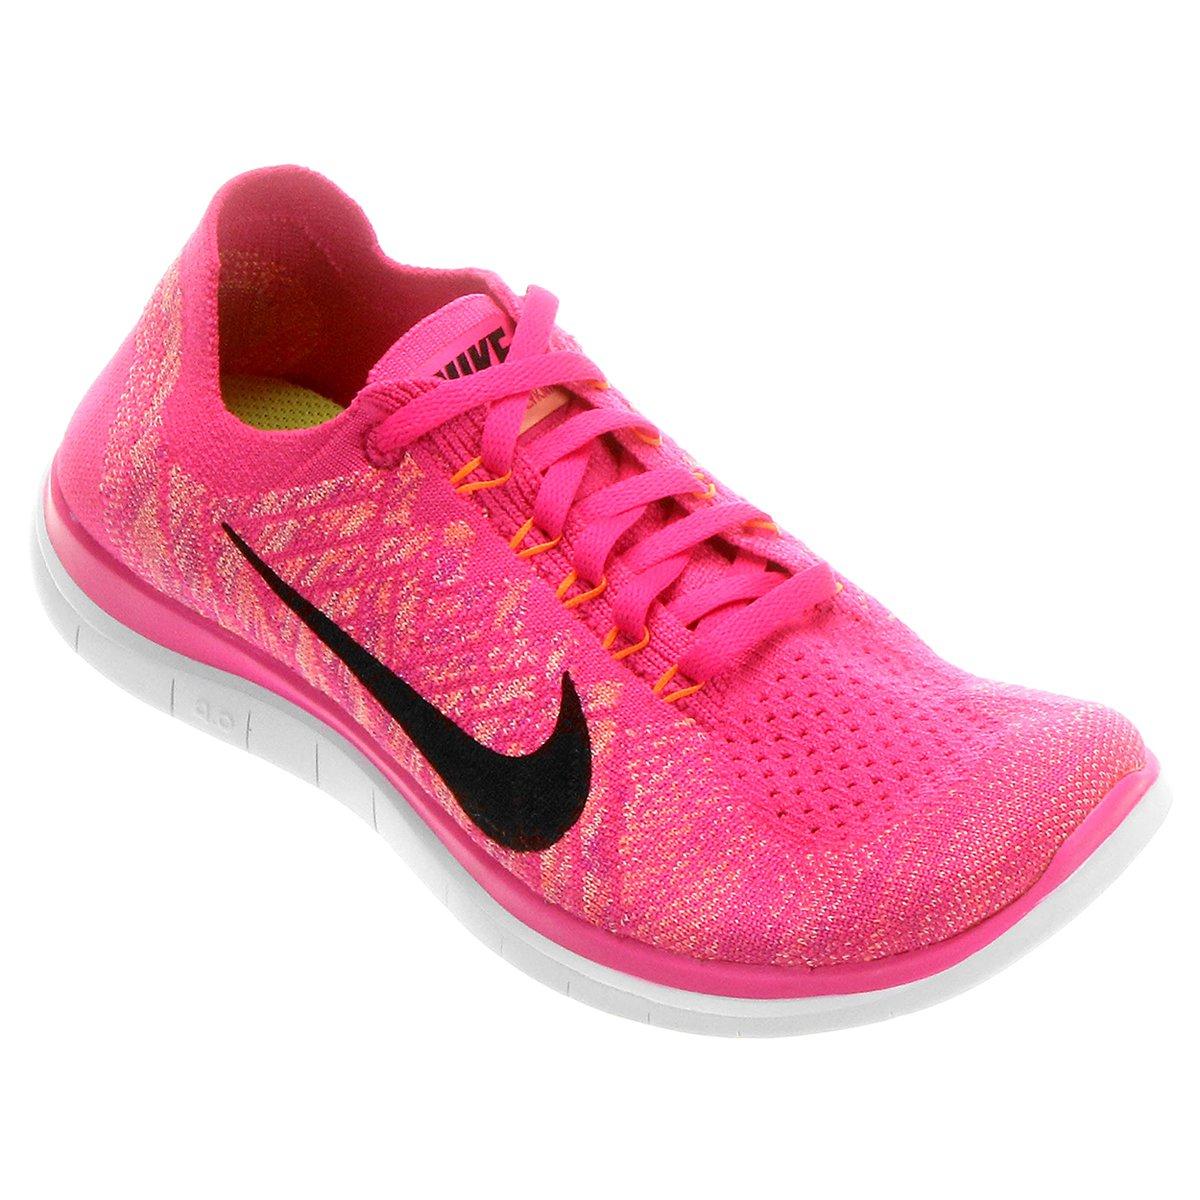 3f9a4a3d770 Tênis Nike Free 4.0 Flyknit - Compre Agora